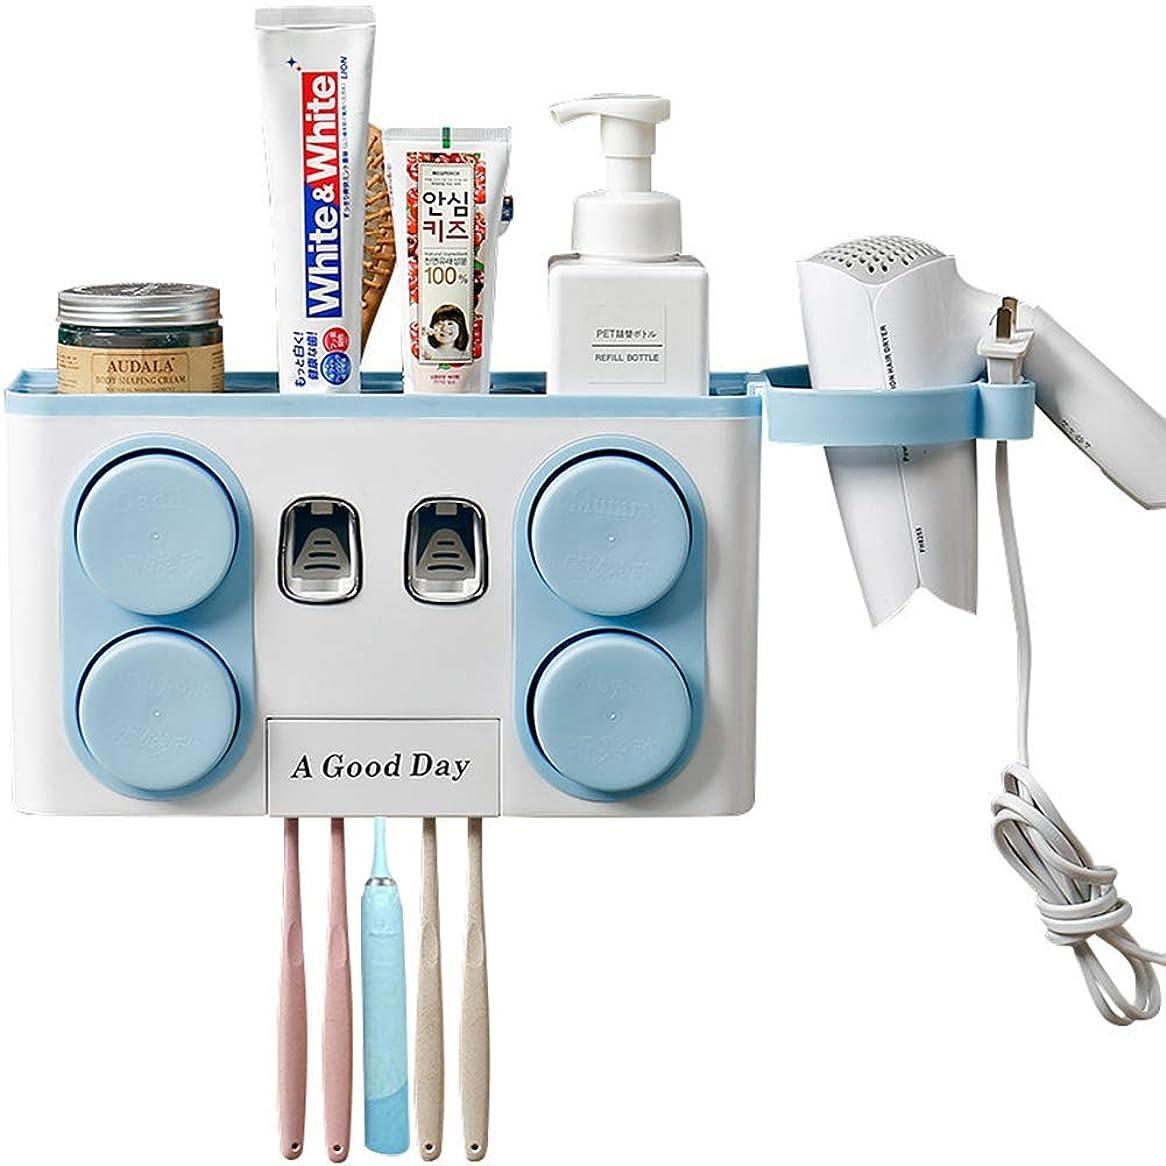 ラオス人活力刃自動歯磨き粉ディスペンサー 多機能歯ブラシスタンド 壁掛け式 小物収納 ハブラシスタンド 2自動歯磨き粉ディスペンサー 、5歯ブラシスロット、4カップ、1ヘアドライヤーホルダー